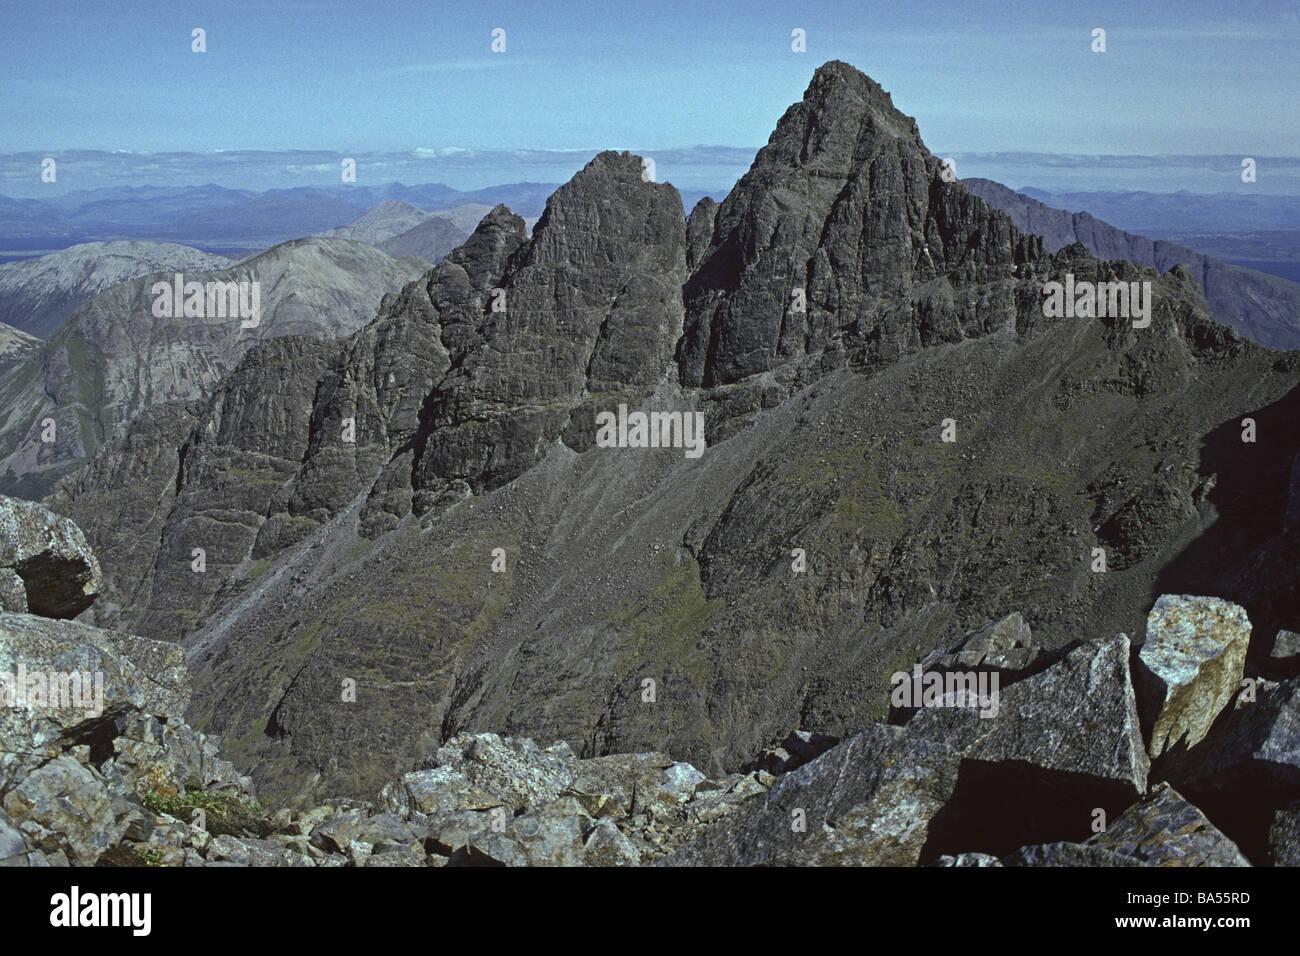 pinnacle-ridge-sgurr-nan-gillean-black-cuillin-isle-of-skye-inner-BA55RD.jpg